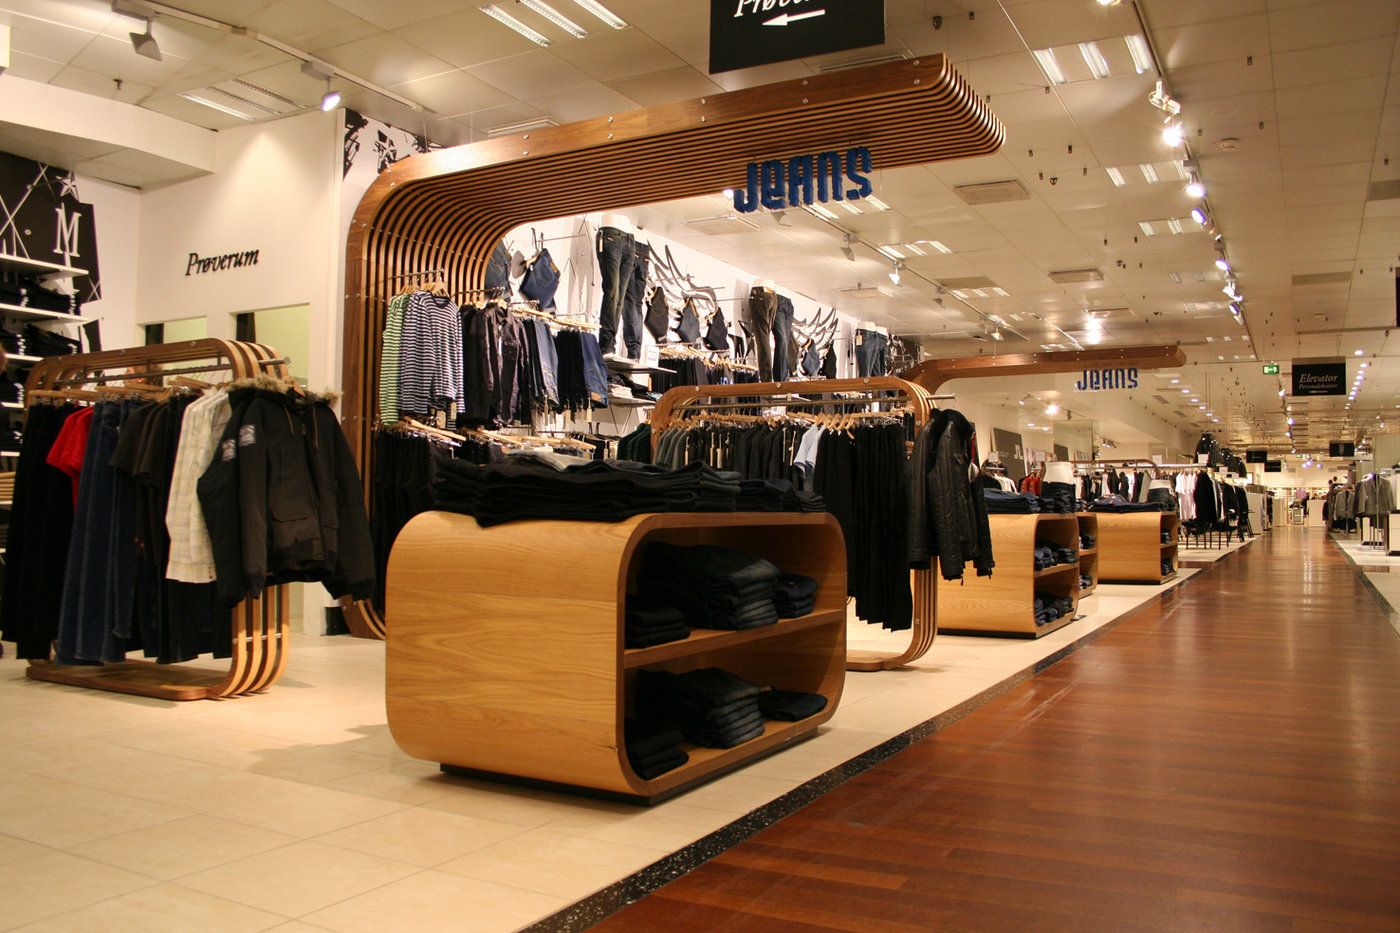 Retail Environments By Jonathan Mullineux At Coroflot Com